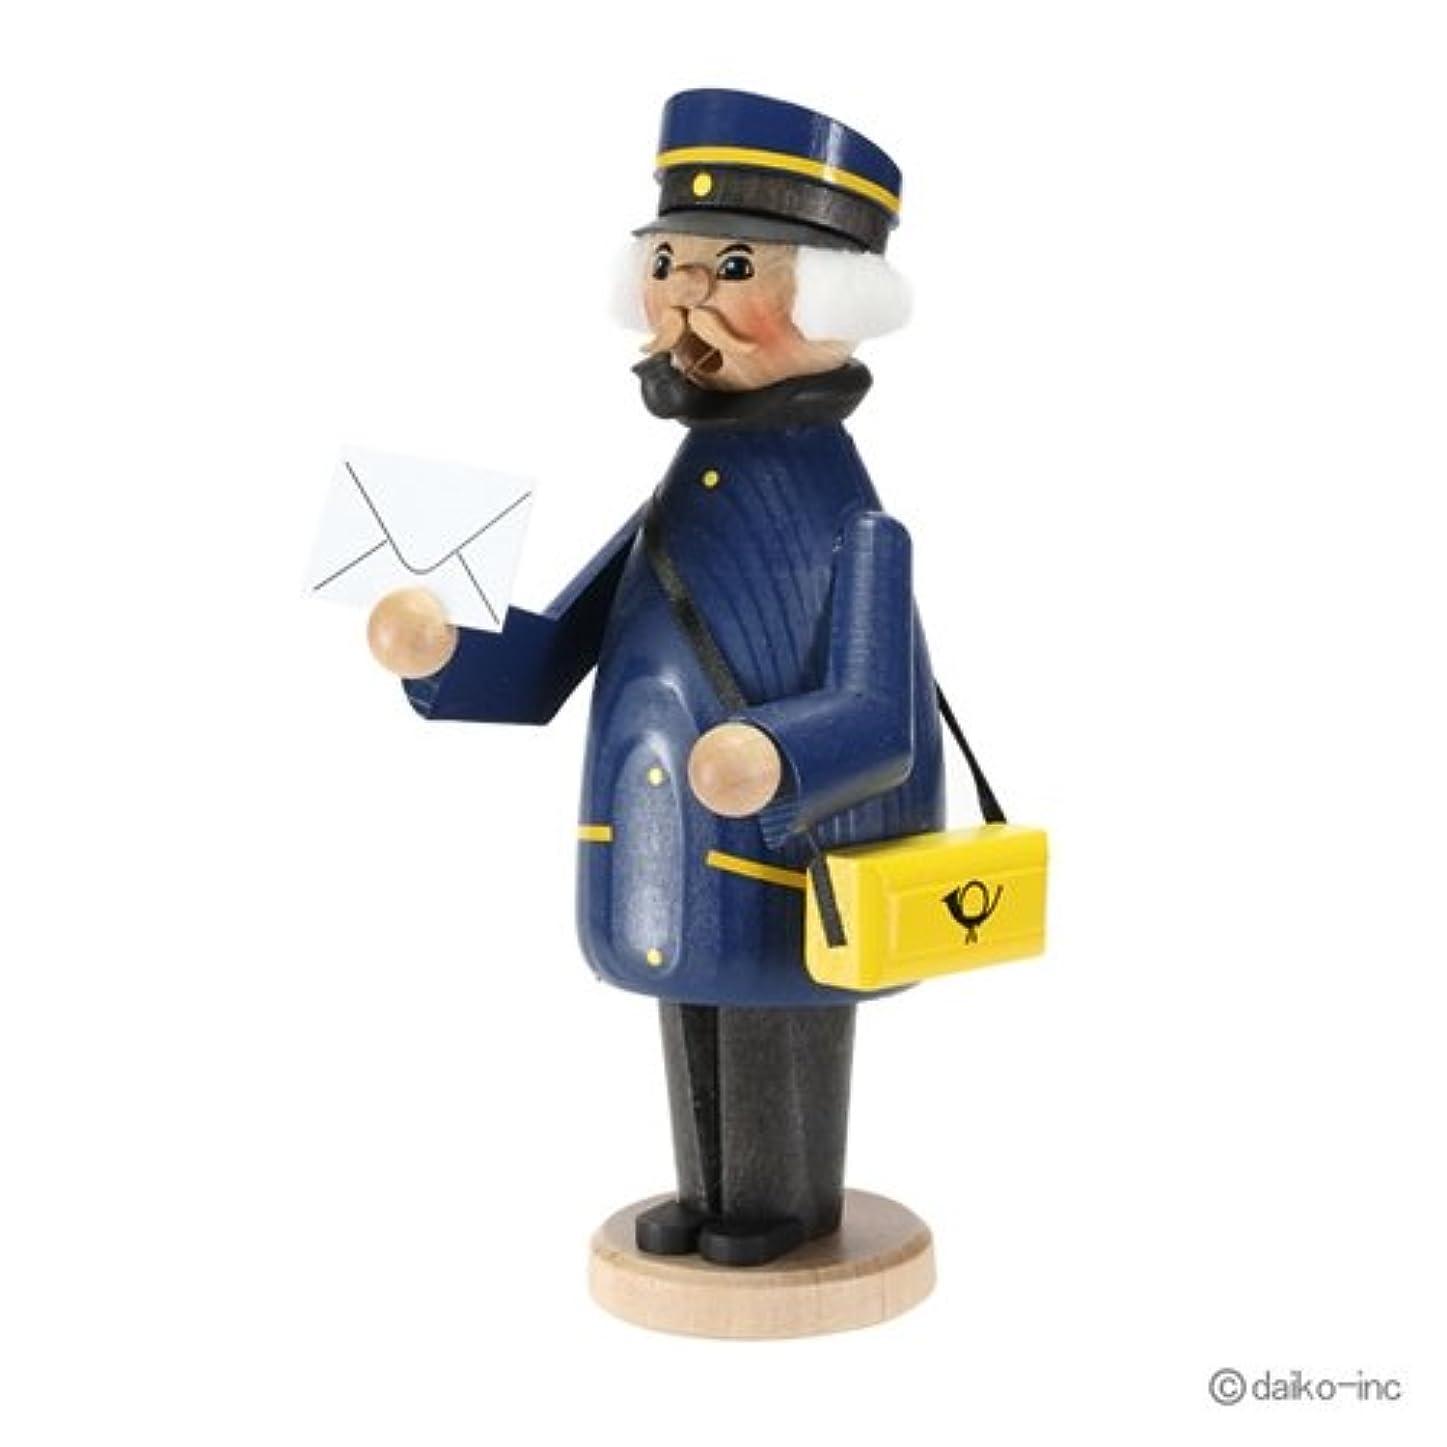 過言誓約やろうクーネルト kuhnert ミニパイプ人形香炉 郵便配達員